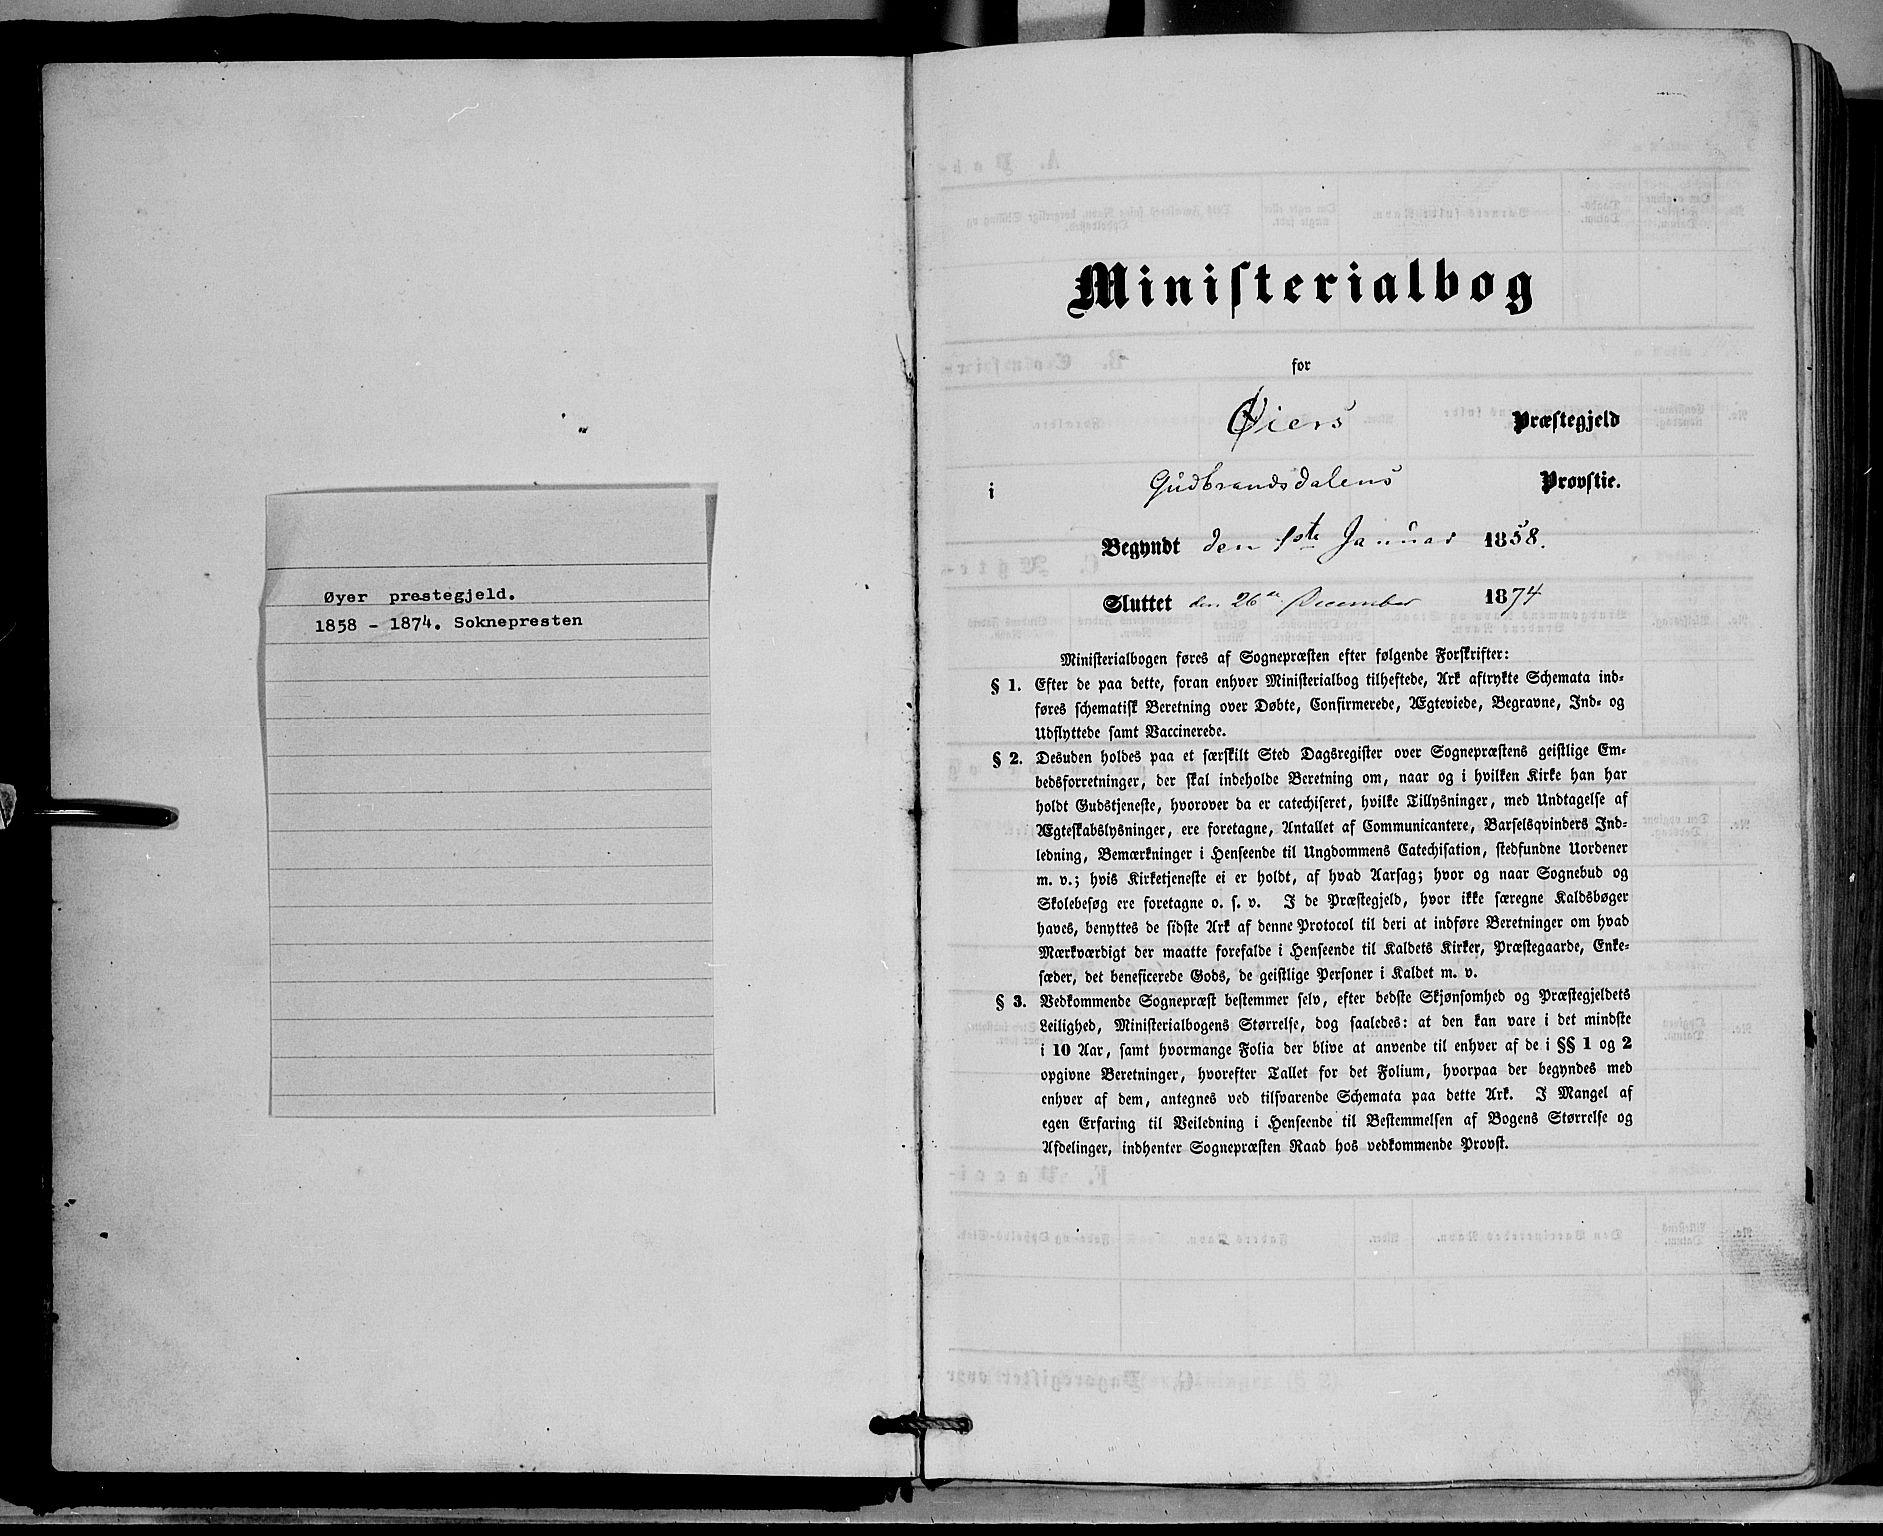 SAH, Øyer prestekontor, Ministerialbok nr. 6, 1858-1874